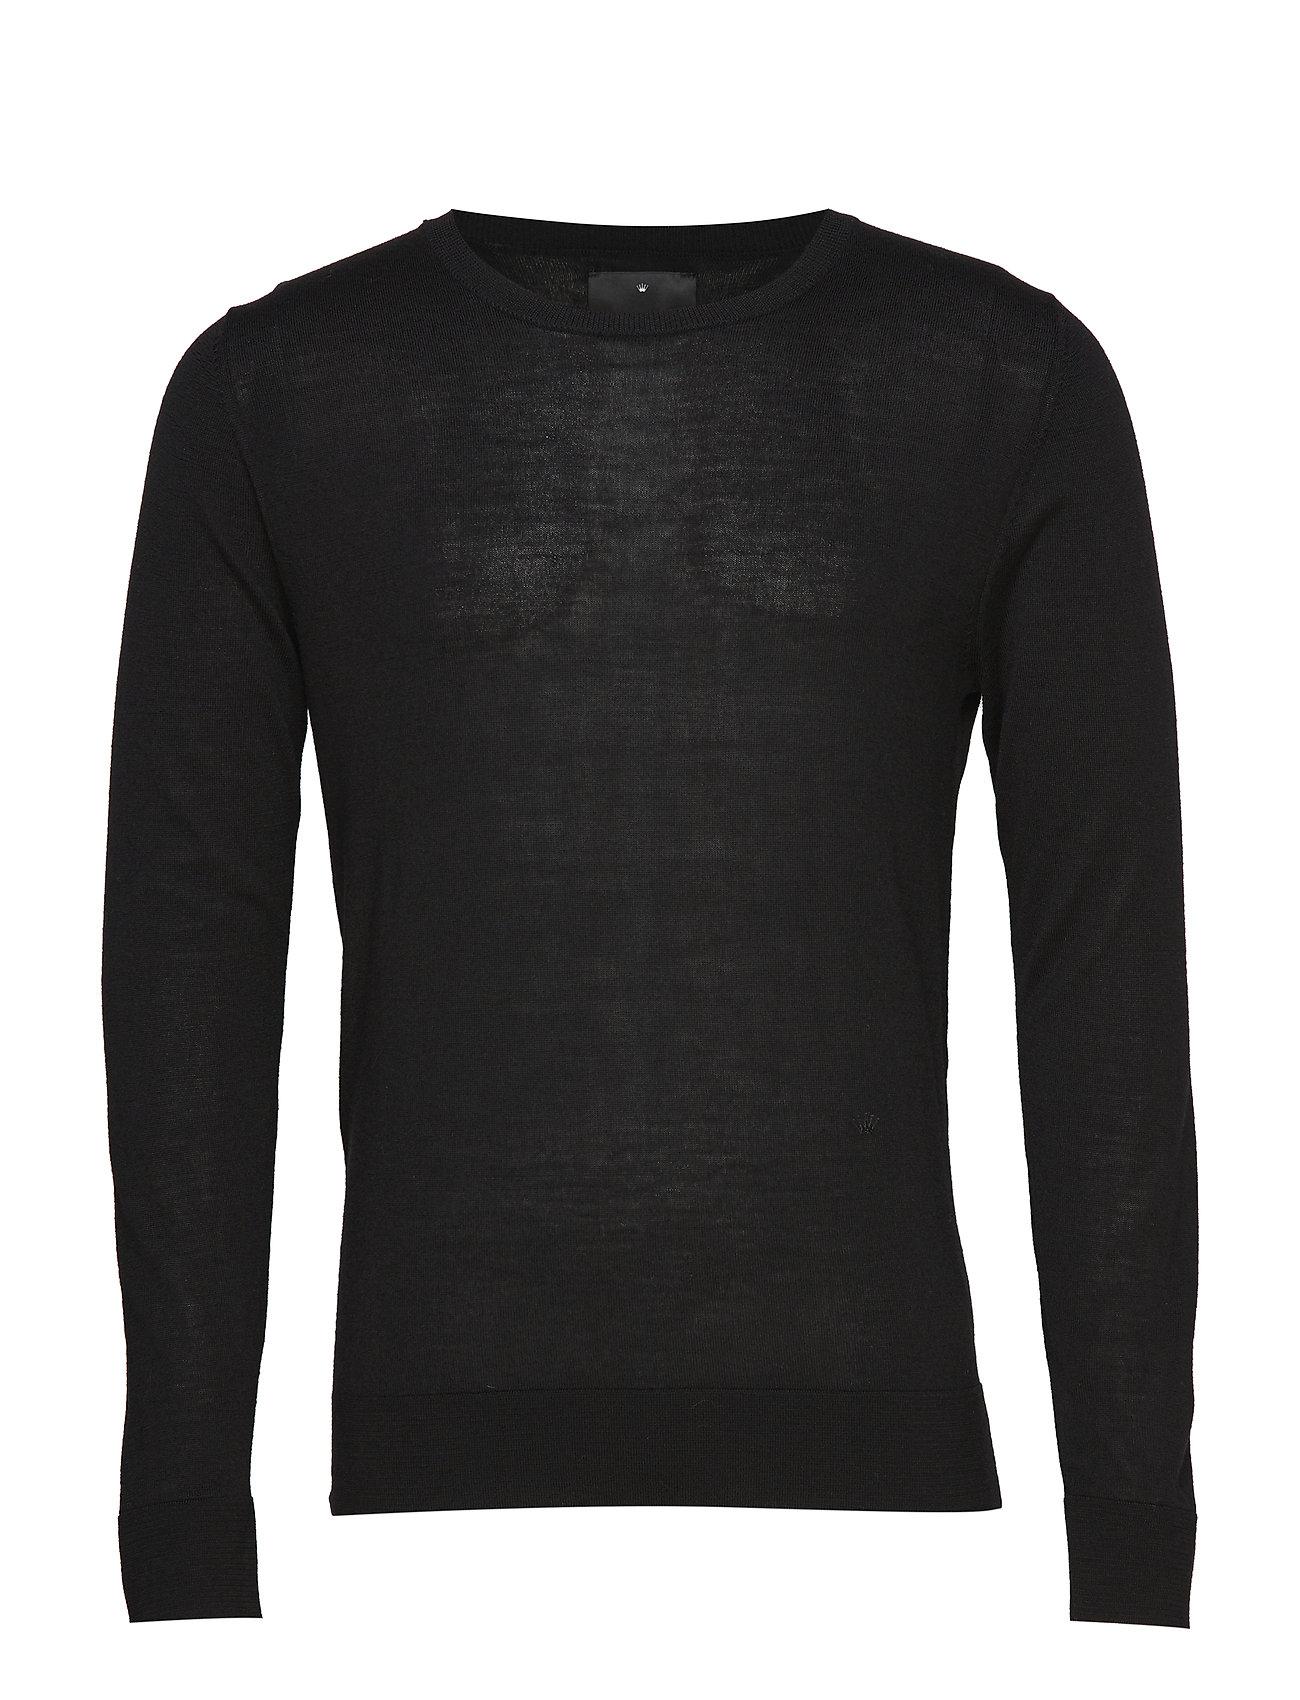 JUNK de LUXE Fine merino wool knit jumper - BLACK